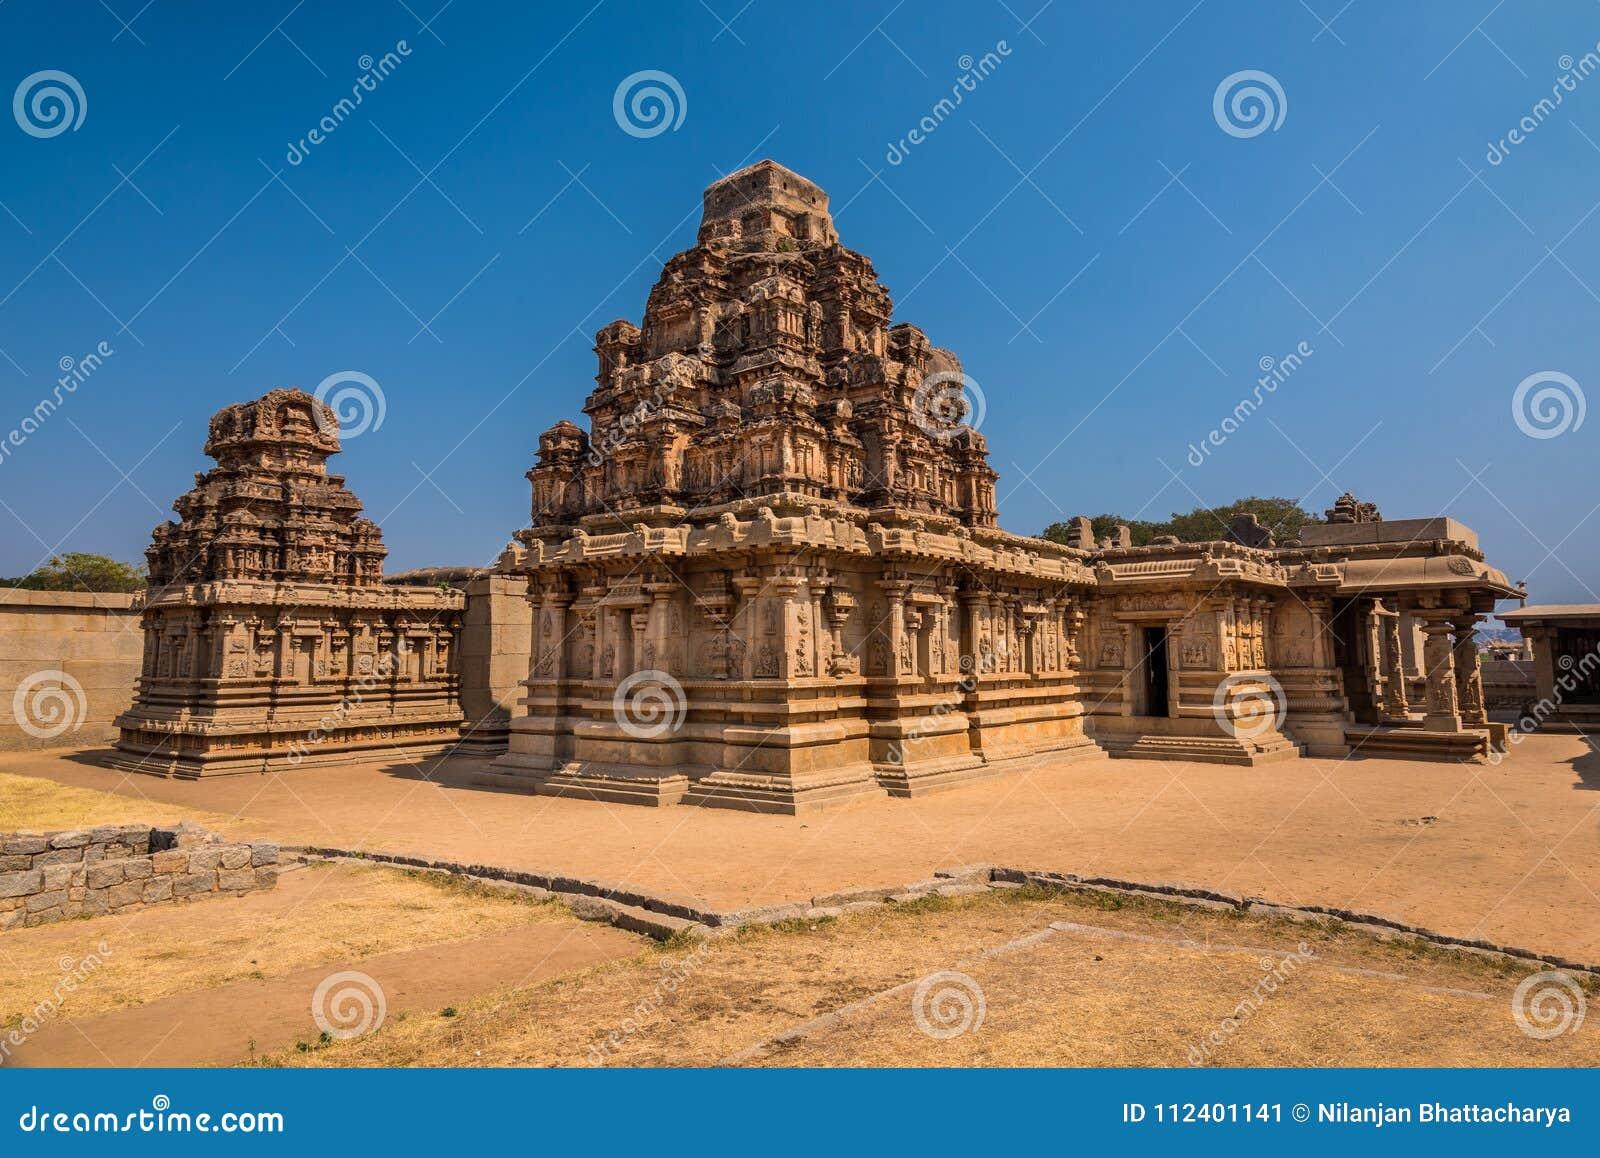 Ruinas antiguas del templo de Hampi